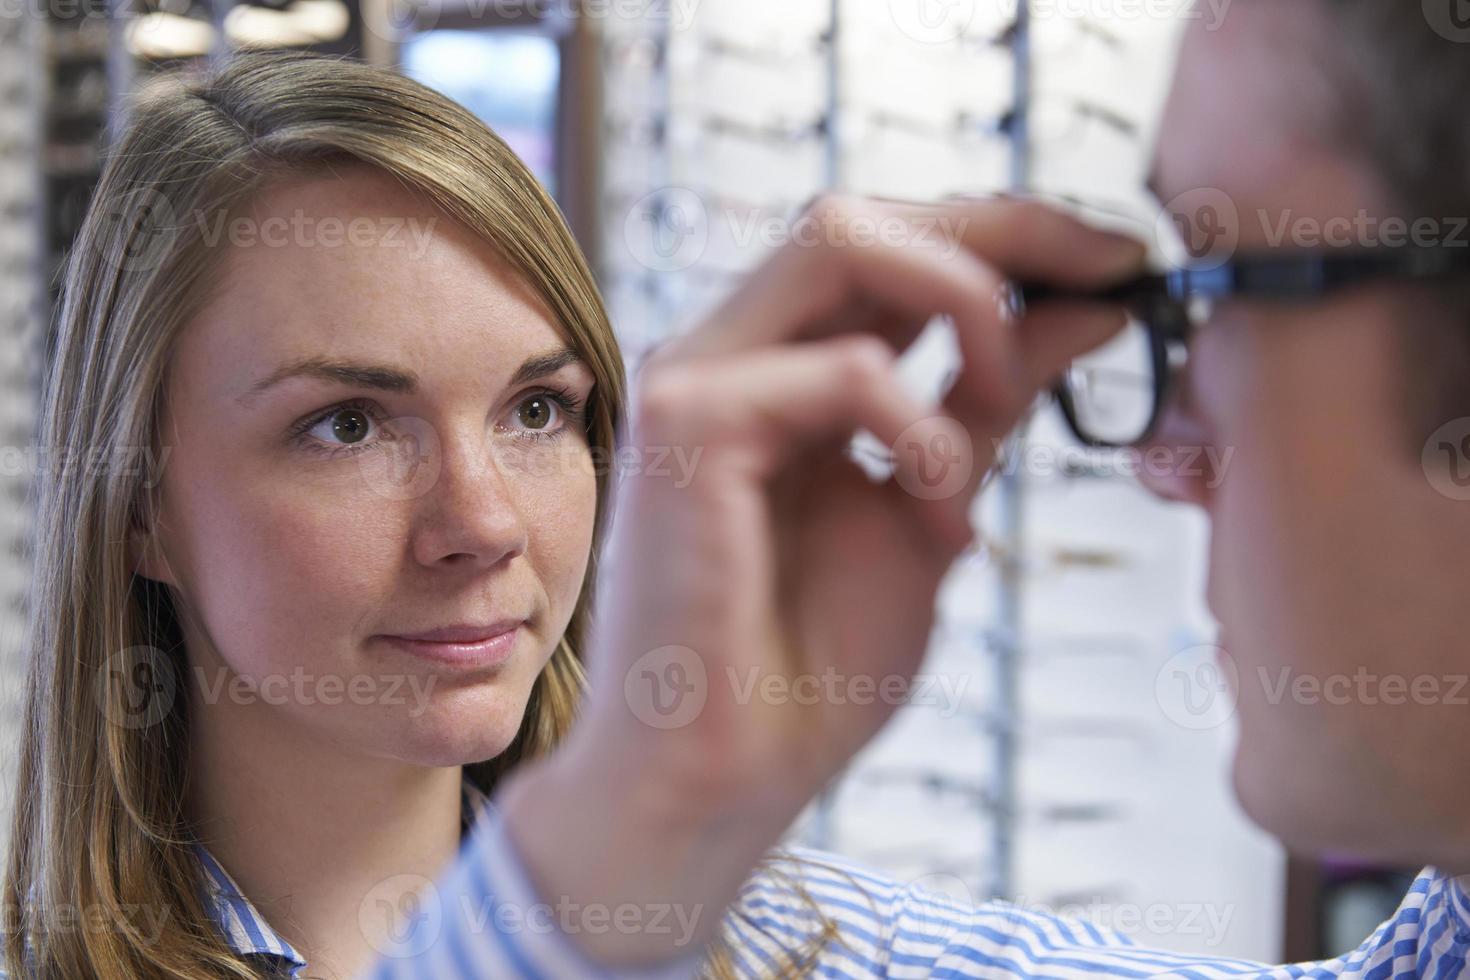 opticien conseillant le client sur le choix des lunettes photo